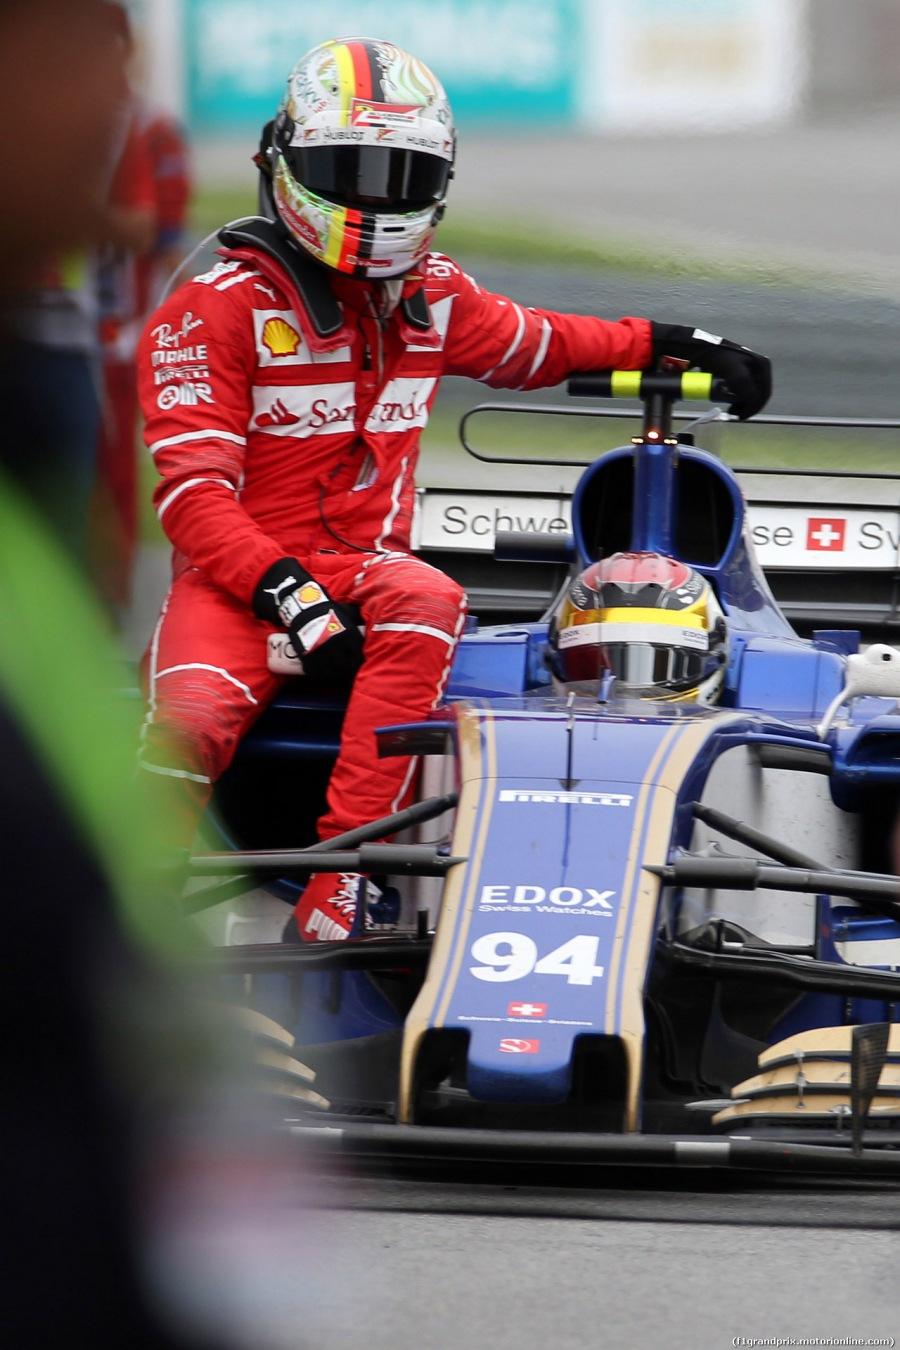 Malaysian Grand Prix, Sepang 28 September - 1 October 2017